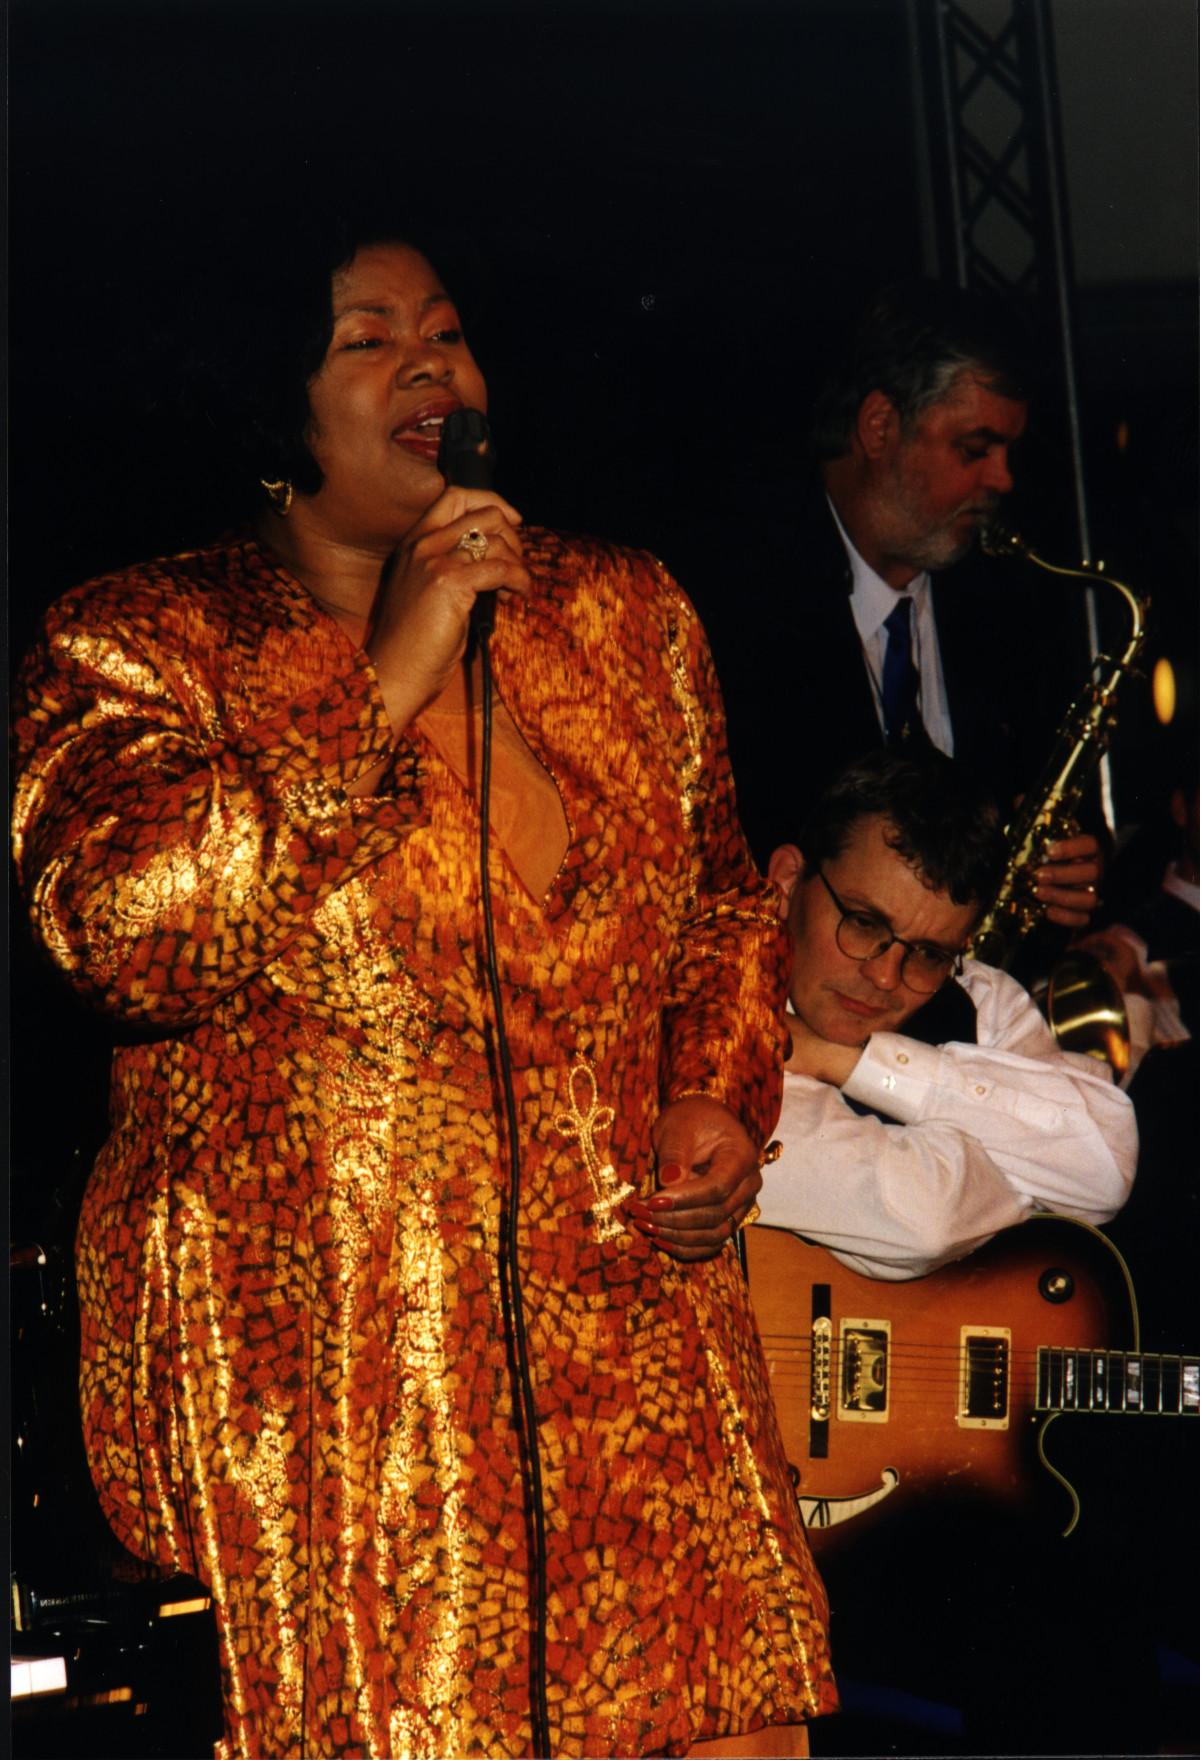 Sangerinden Deborah Brown blev en hyppig gæst hos Klüvers Big Band. Her ses hun i konstellation med Jesper Thilo, der huserer i baggrunden. Foto: Ukendt